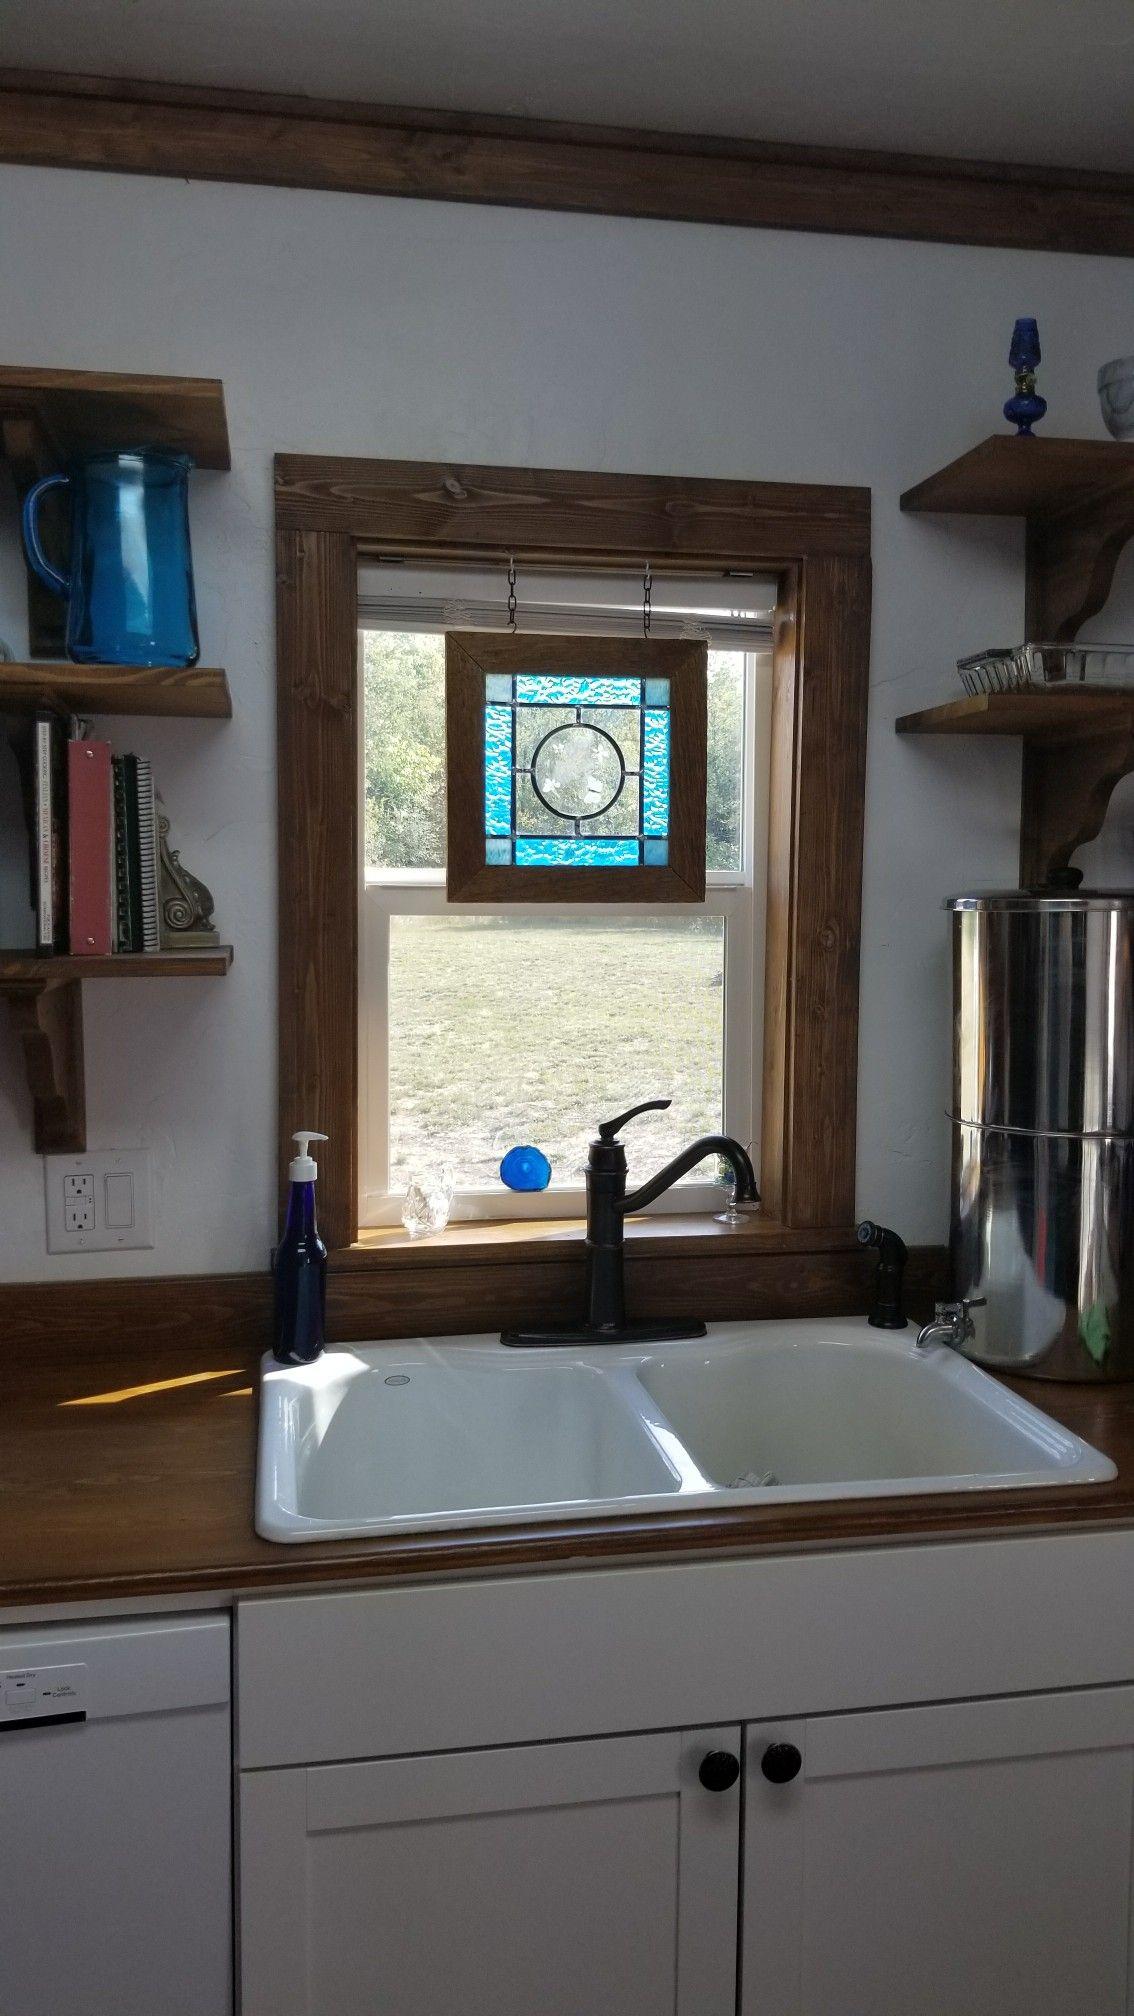 Farmhouse kitchen trailer ideas pinterest farmhouse kitchens